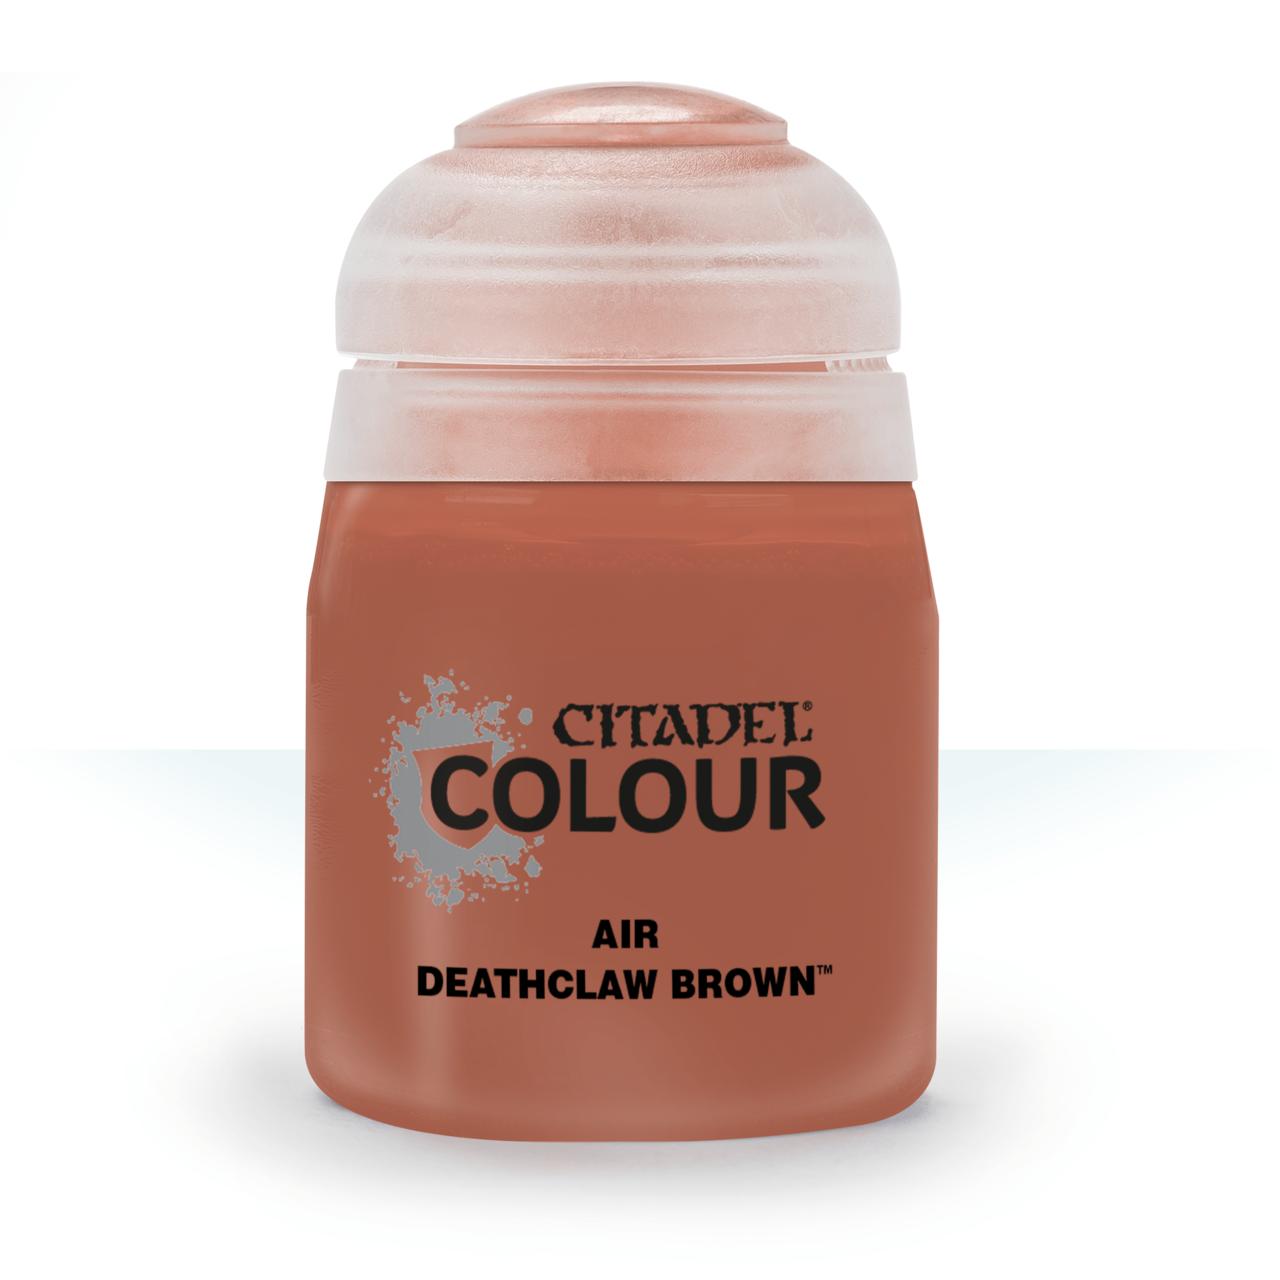 Afbeelding van het spel Deathclaw Brown - Air (Citadel)